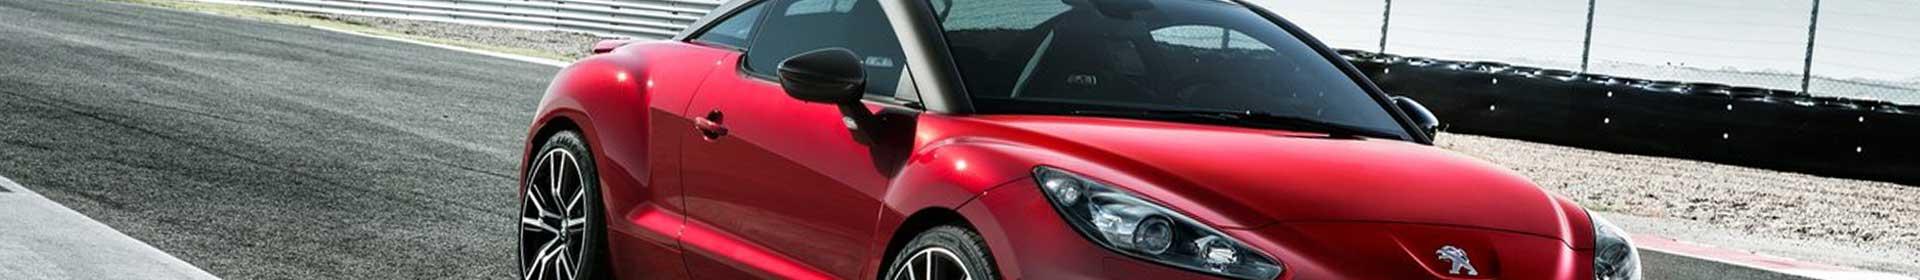 Auto Louwes nieuwe en gebruikte auto's - Contact